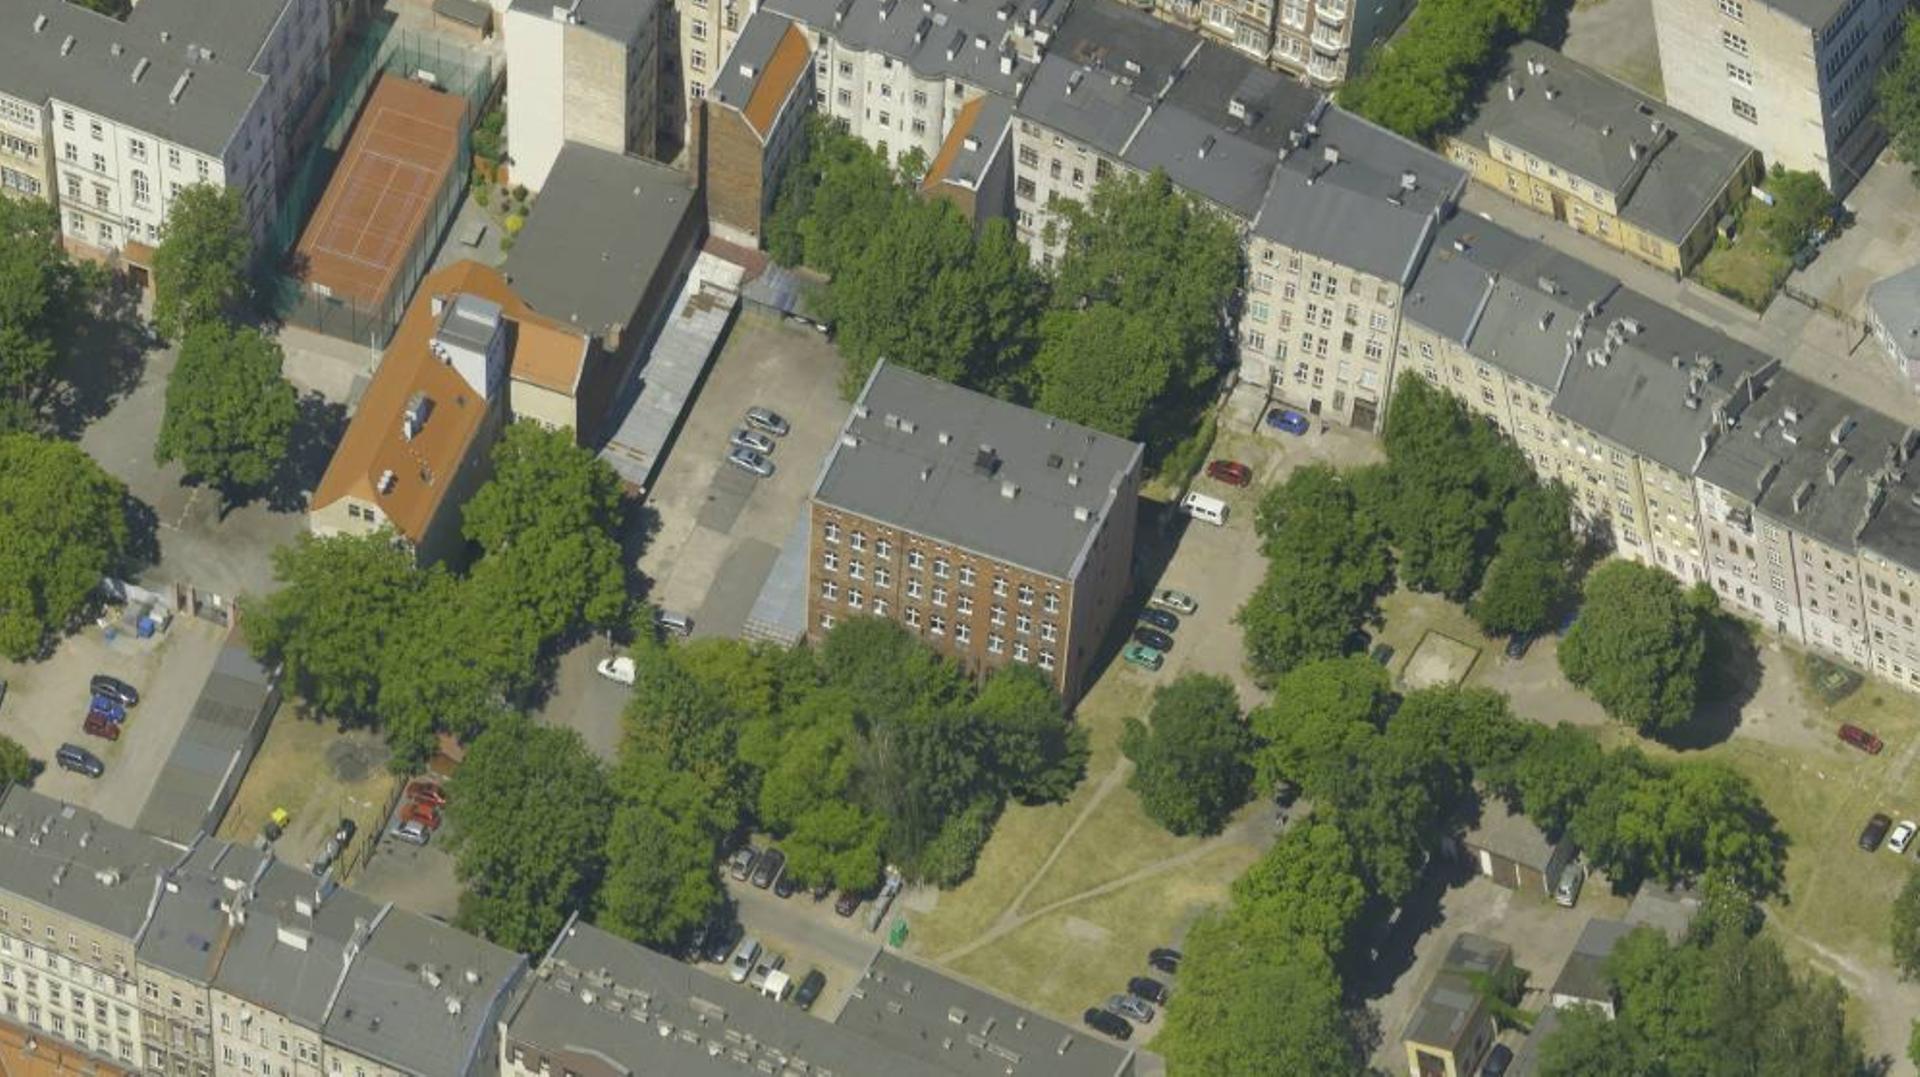 Wrocław: Inwestor przebuduje zabytkową kamienicę na Przedmieściu Oławskim